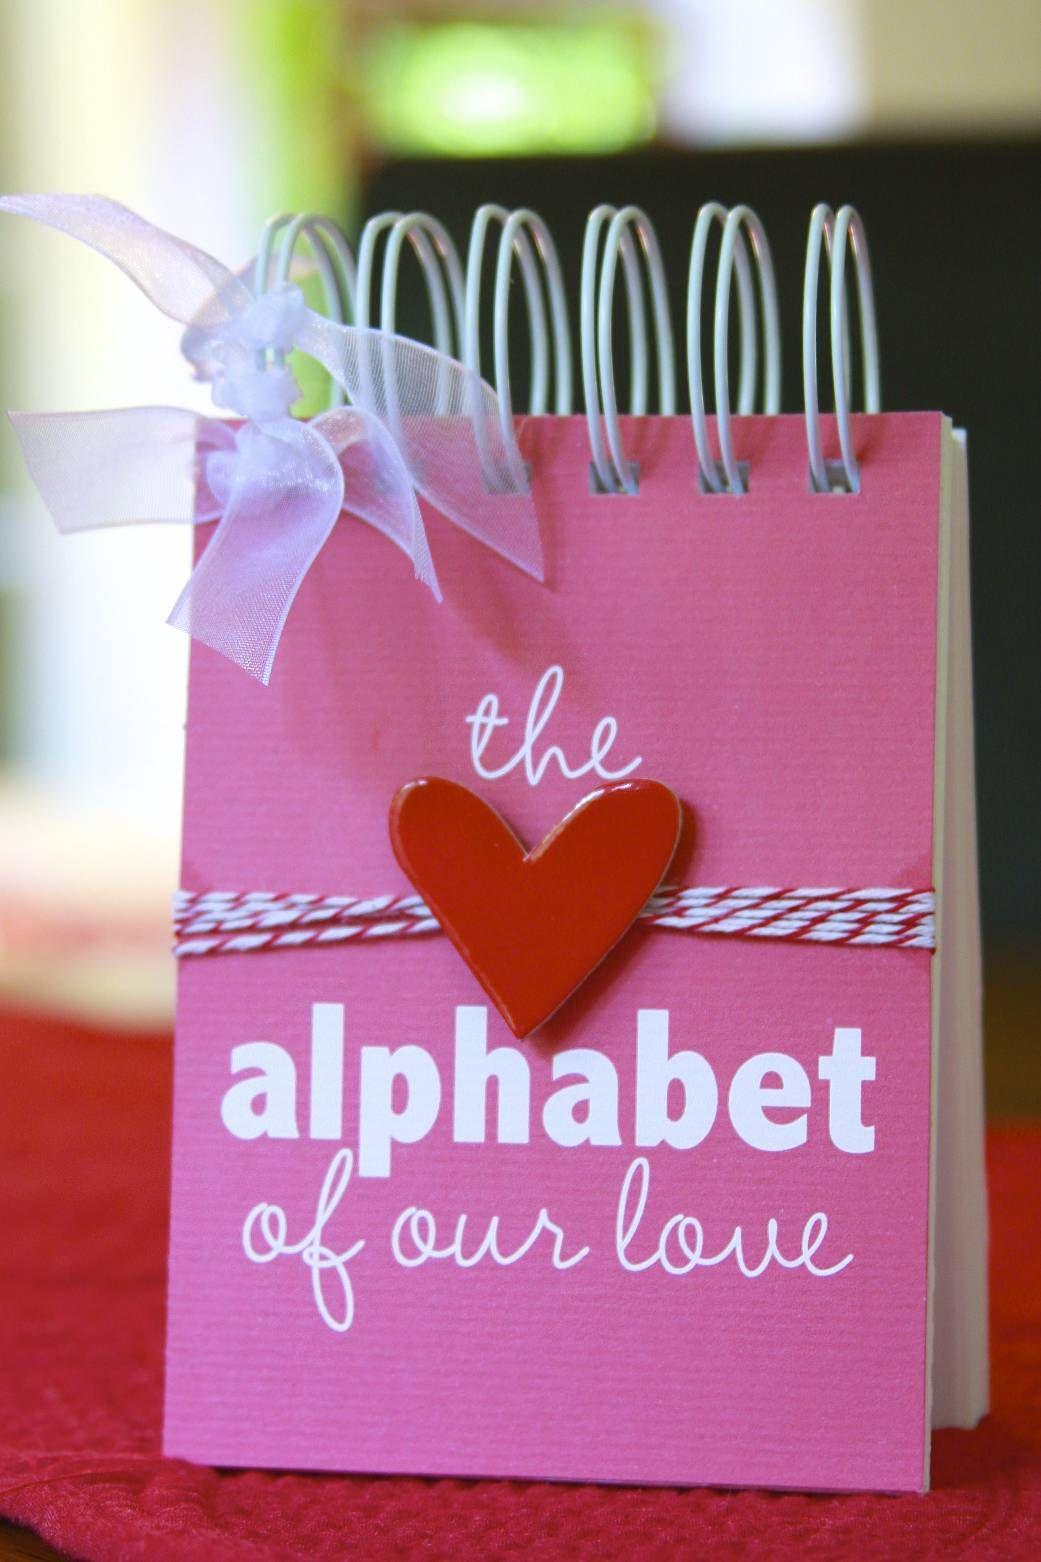 Huwelijkscadeau: verras je aanstaande - Lees hier hoe